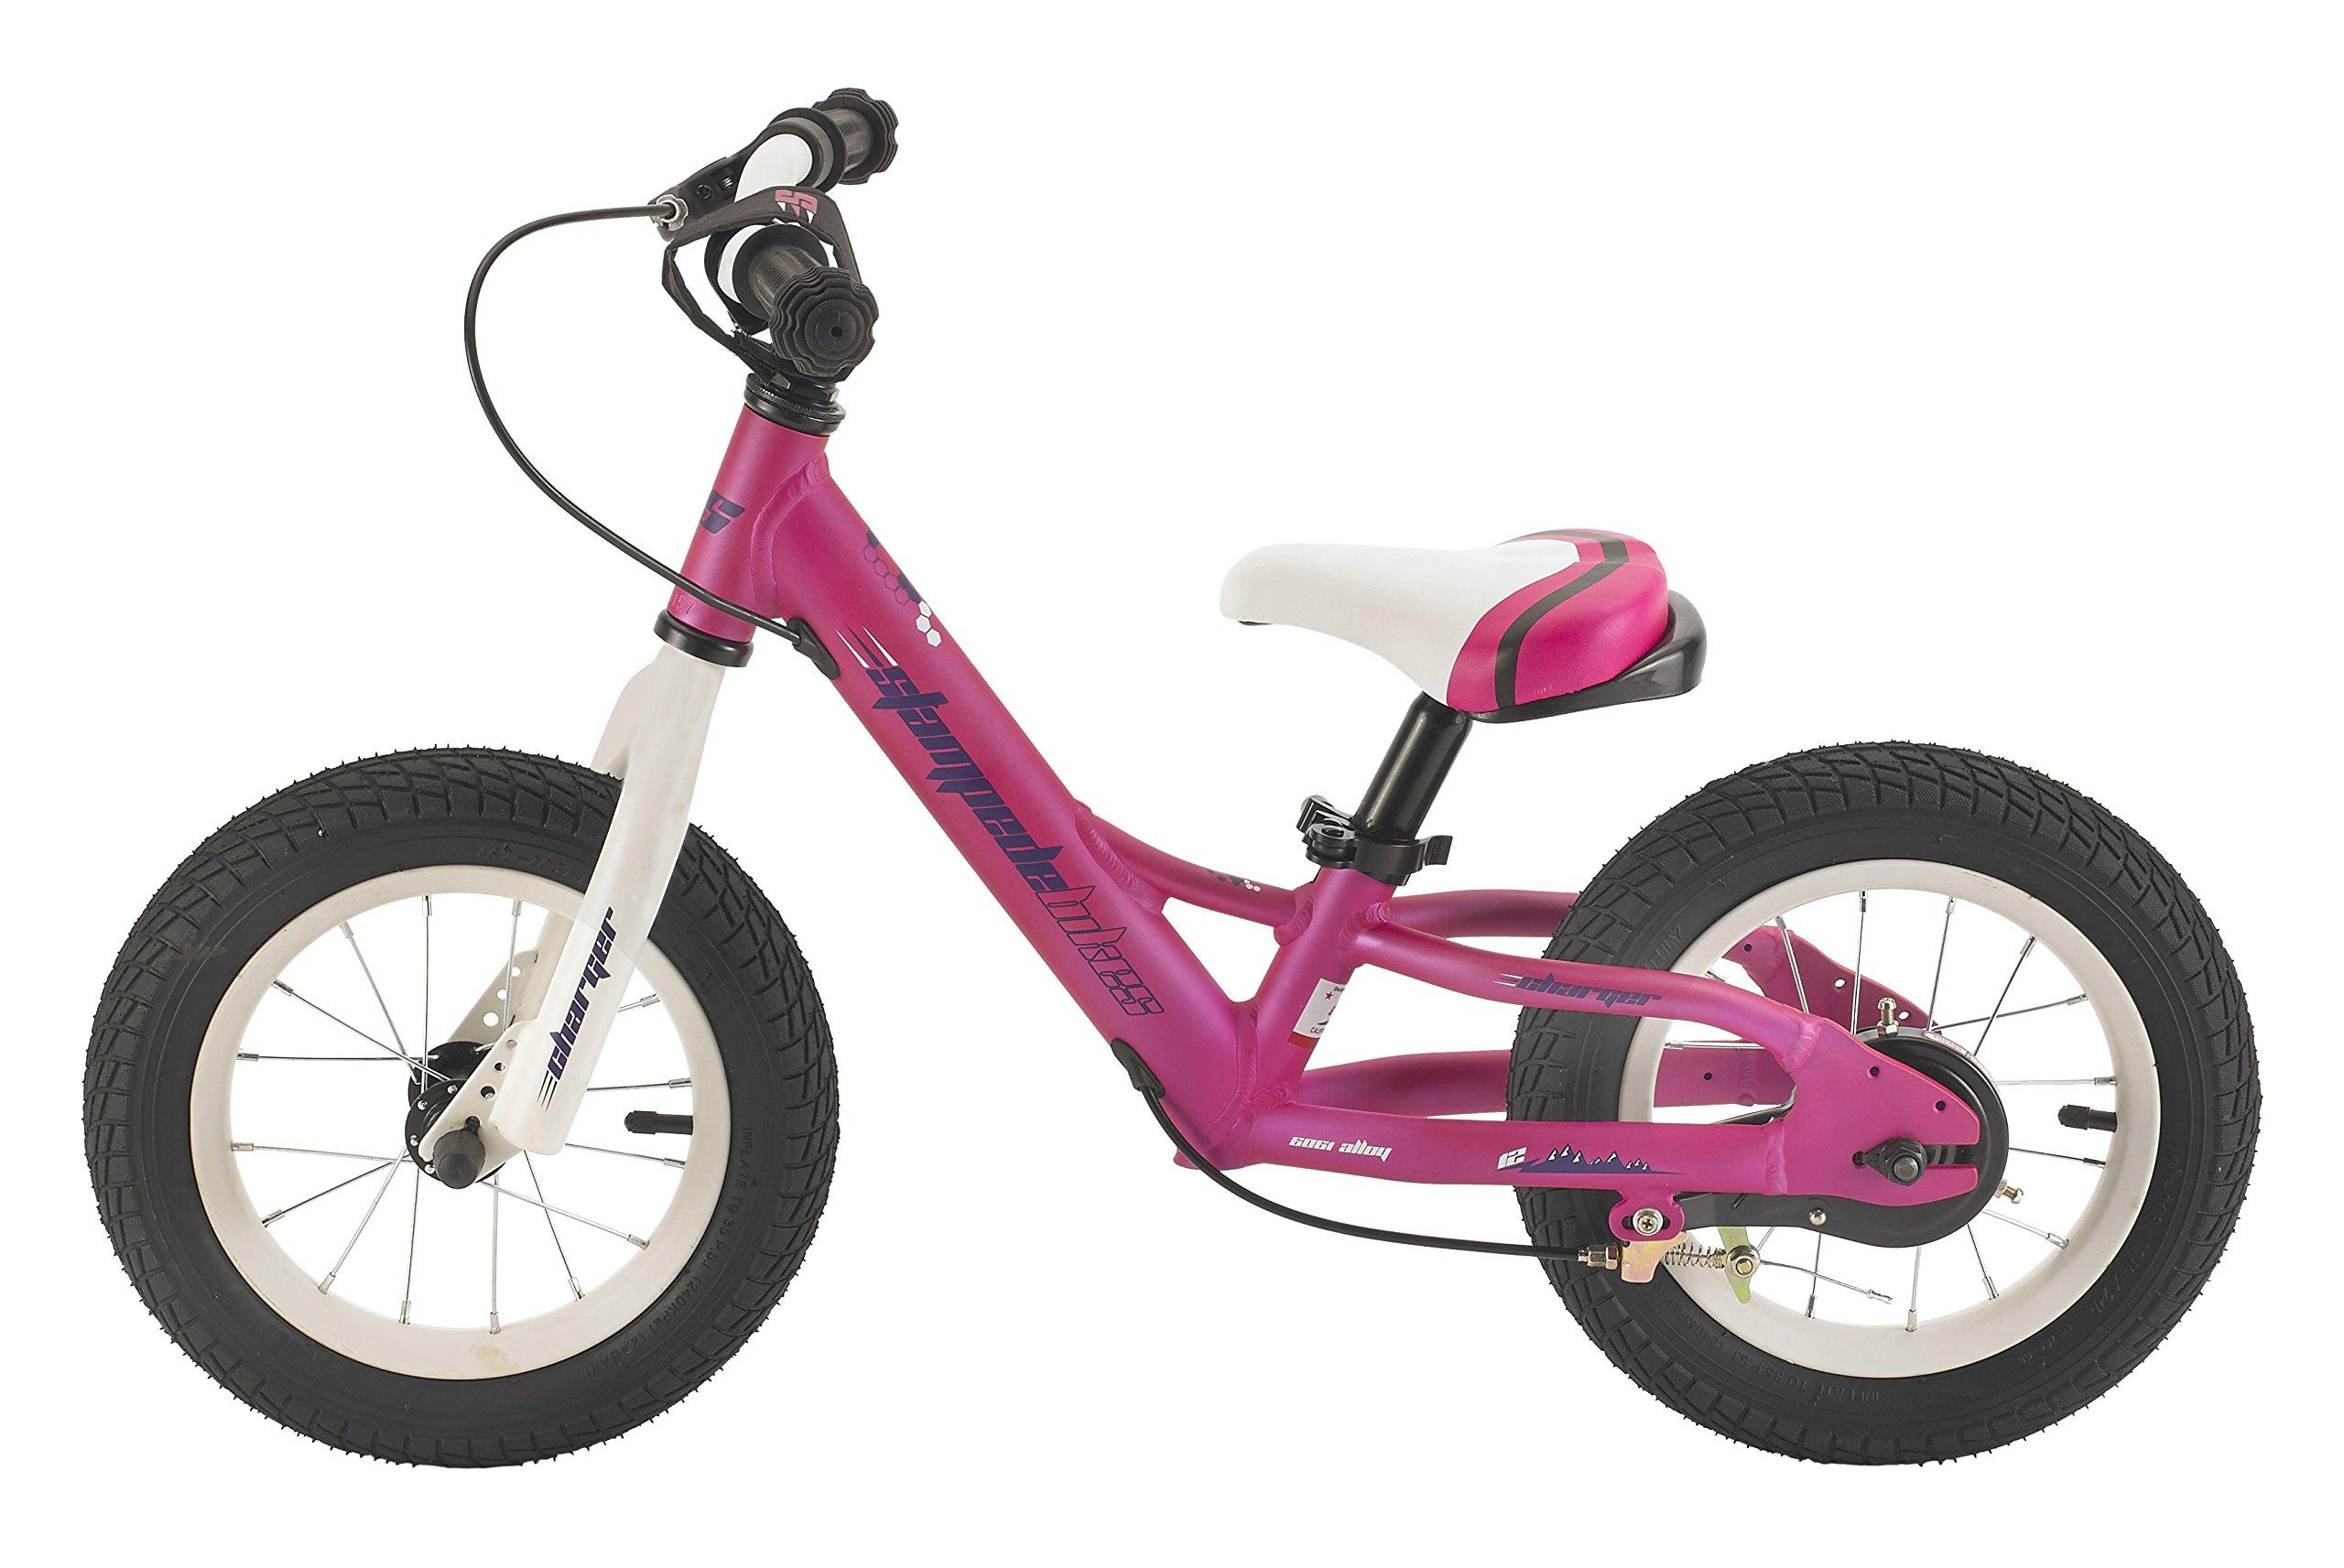 Stampede Bikes Charger Kids Balance Bike, 12'', Pink